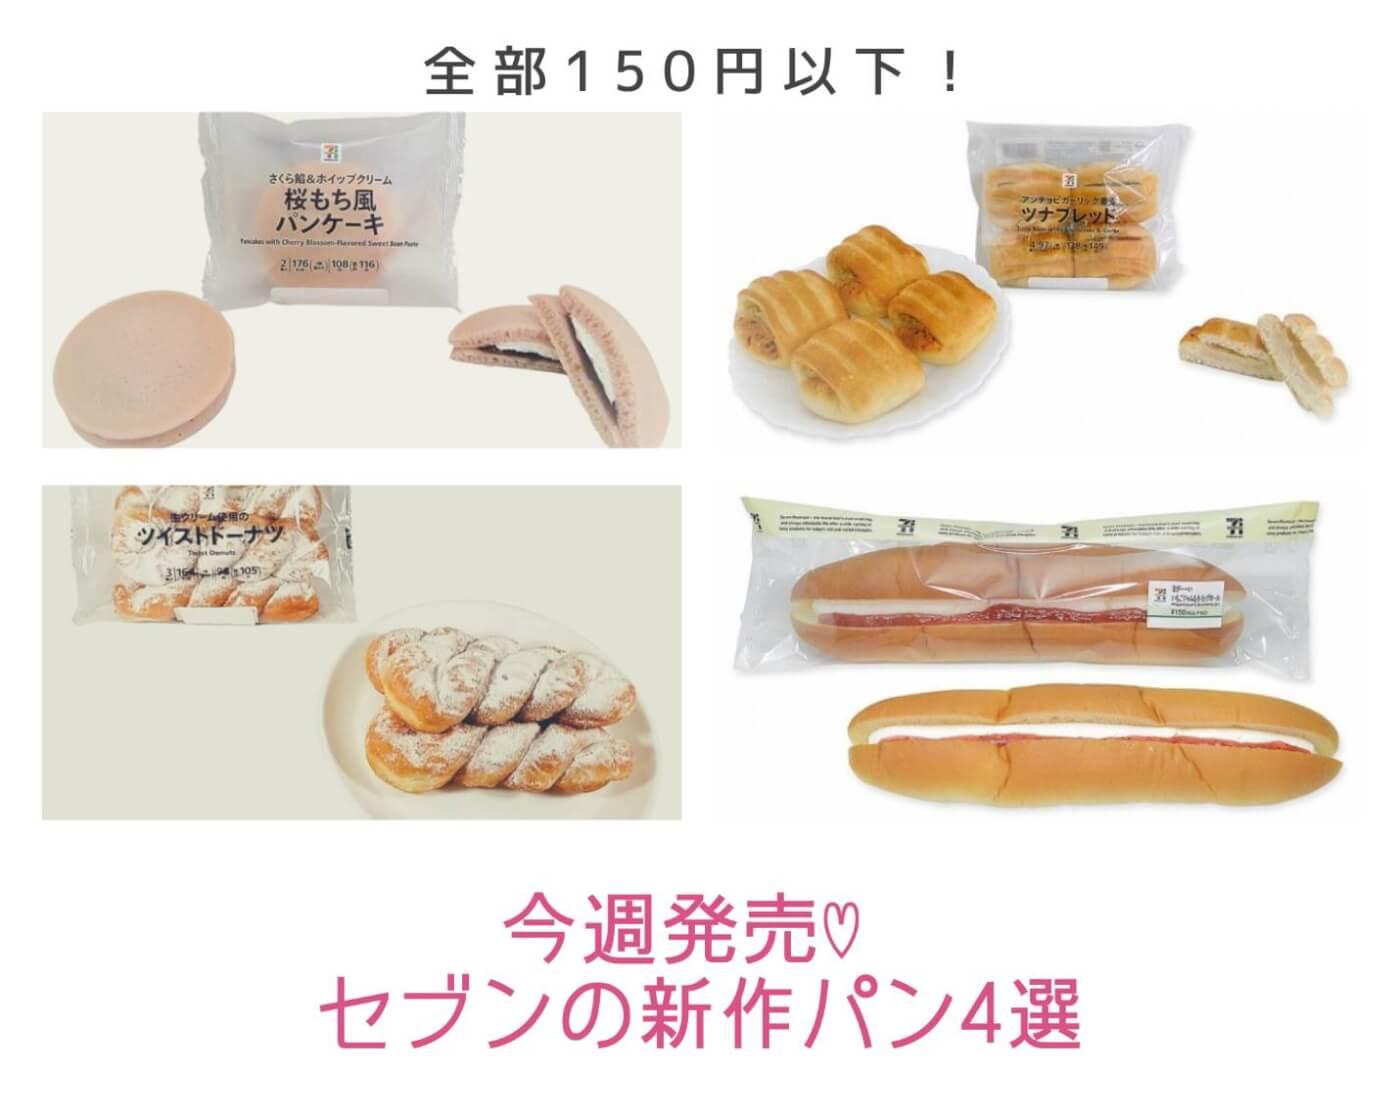 【セブン-イレブン】ALL150円以下♡絶対食べたい、今週発売の新作パン4選